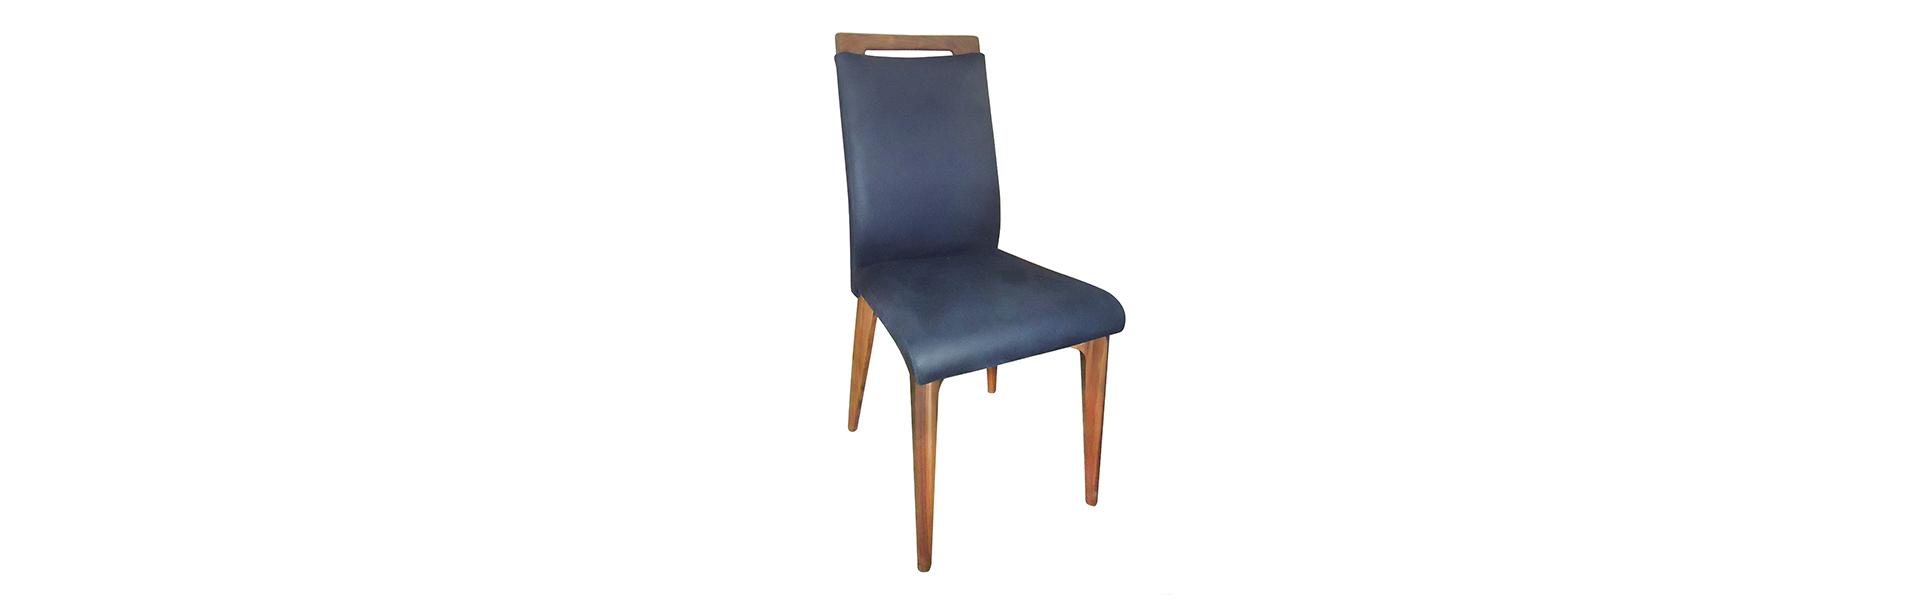 ohsofa-produkt-klose-krzeslo-begros-himg